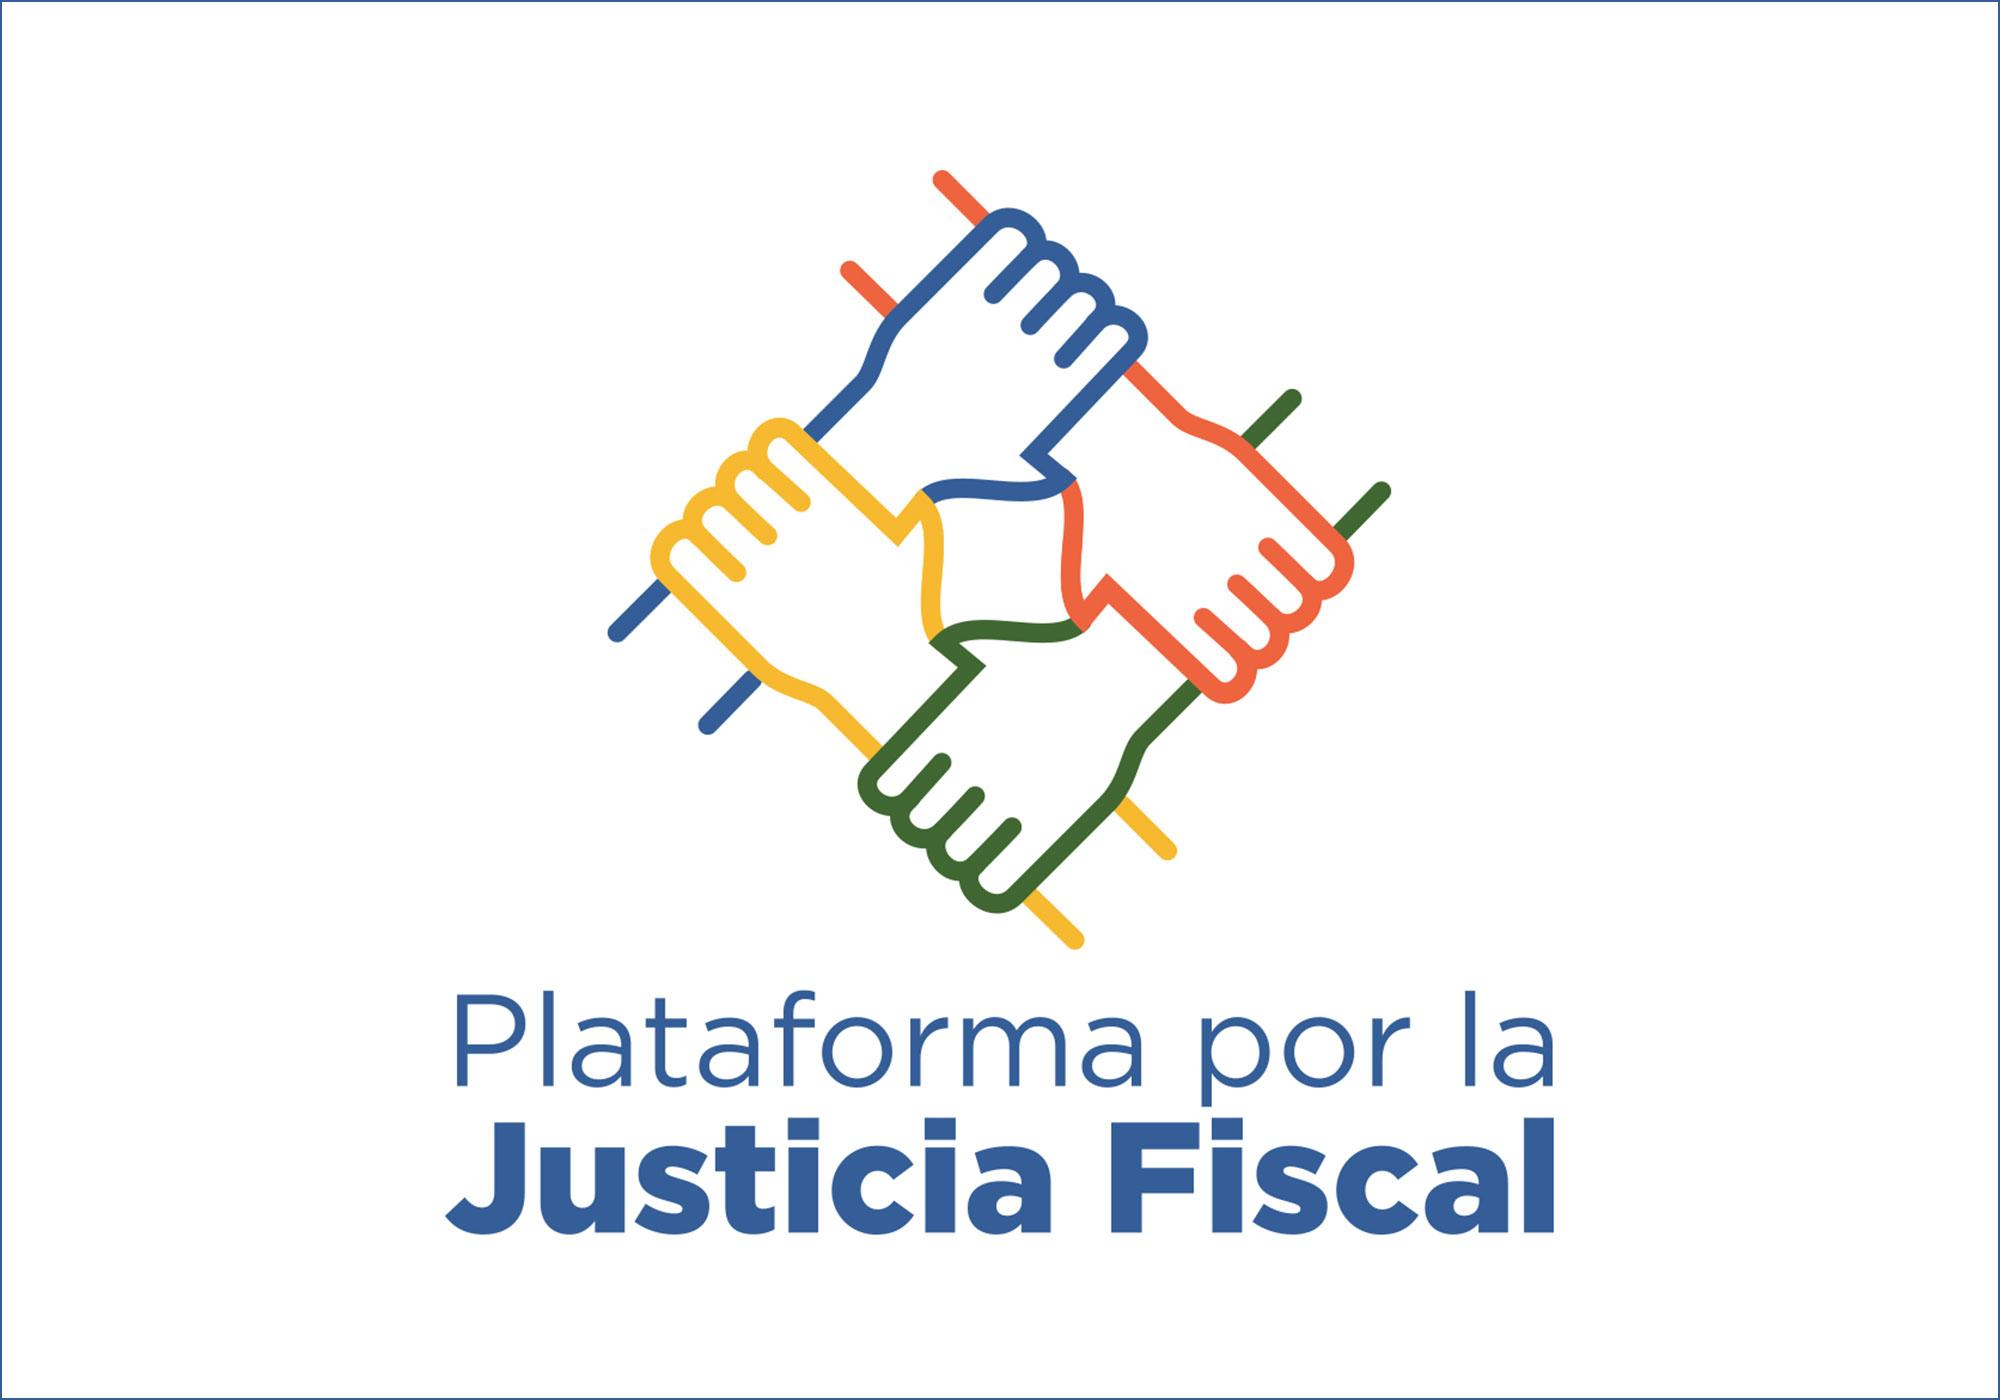 La Plataforma por la Justicia Fiscal (PxJF) valora positivamente la apuesta por la justicia fiscal en el preacuerdo PSOE-Unidas Podemos